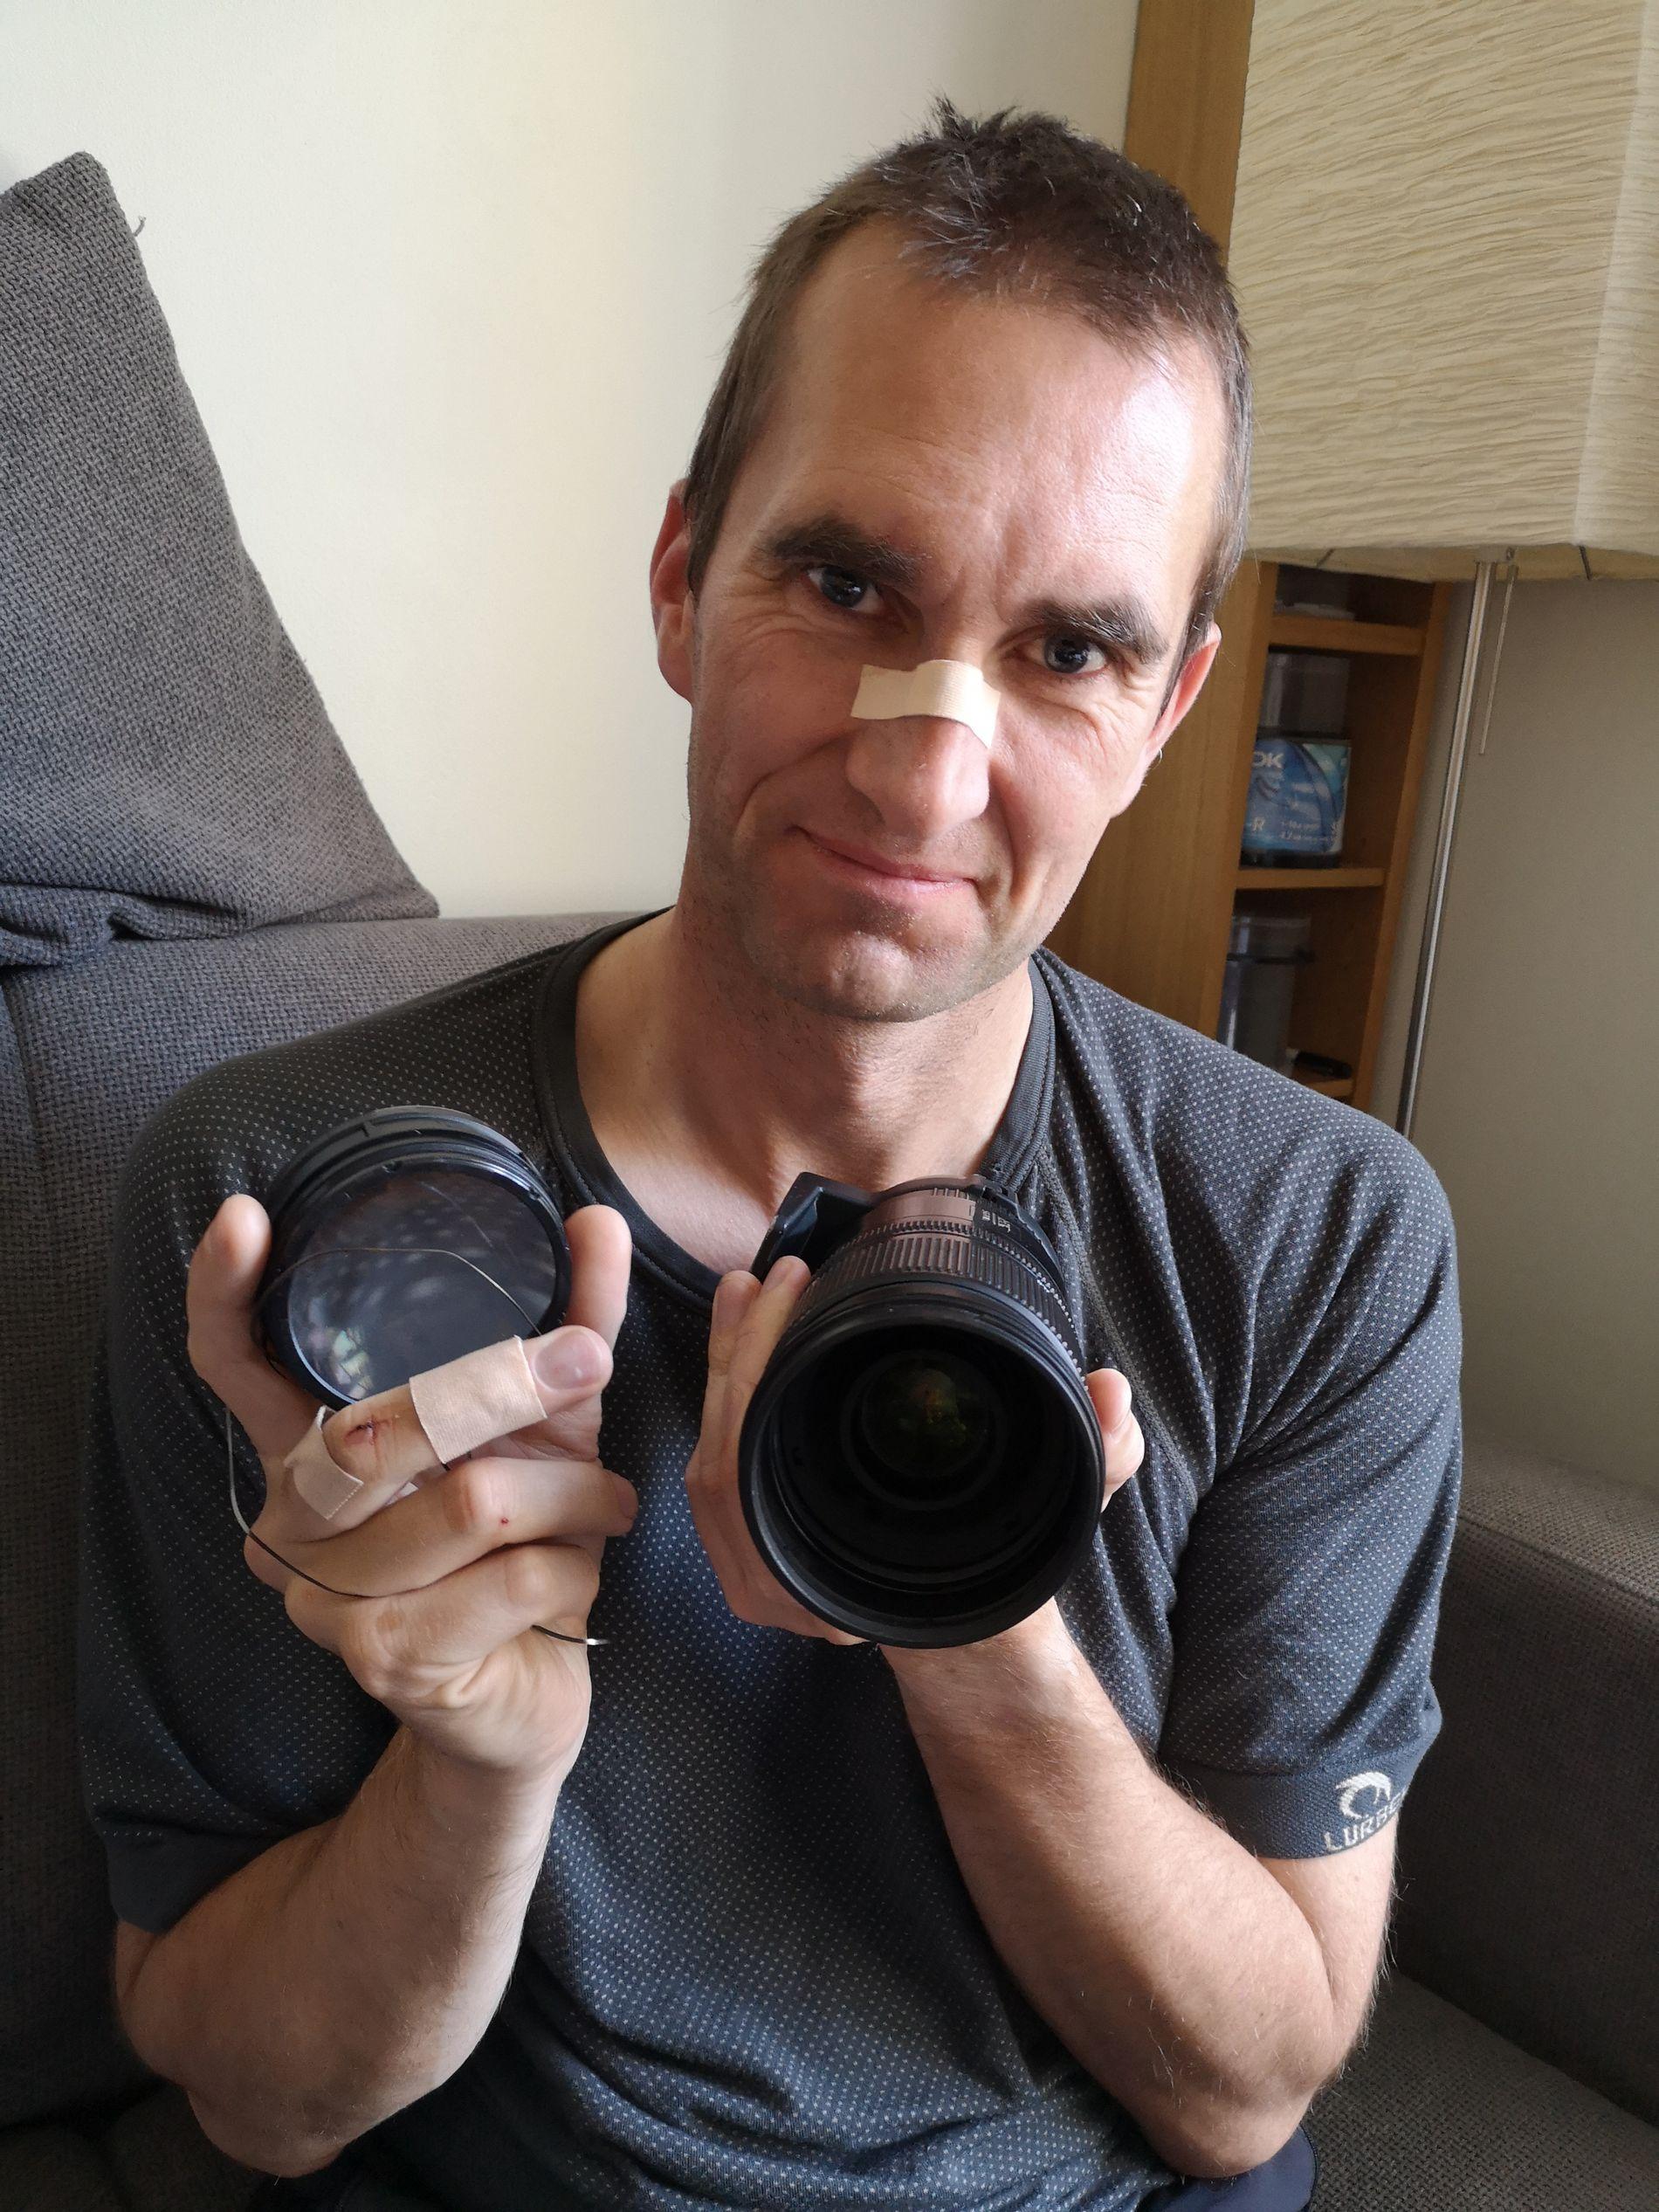 Thomas Karlsen med en forslått nese og plastret langfinger viser frem kamerautstyret som ble ødelagt da David Akintola plutselig kolliderte med ham i høy fart.